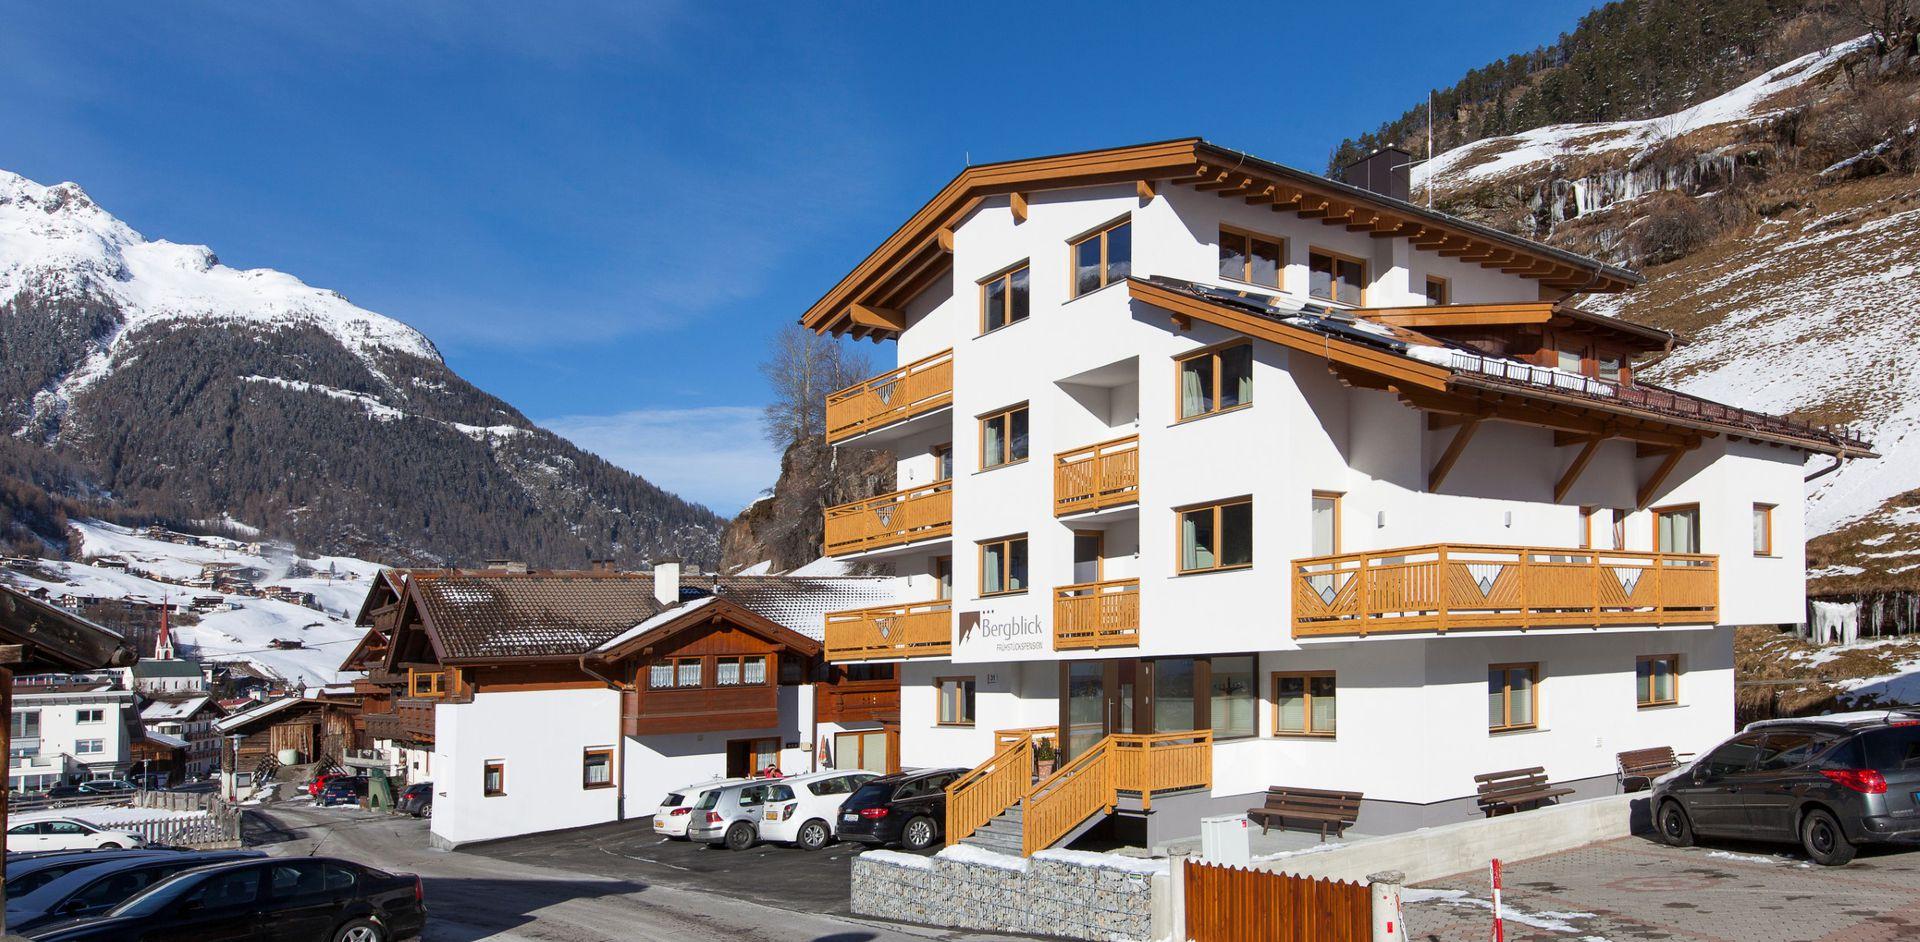 Casa Bergblick